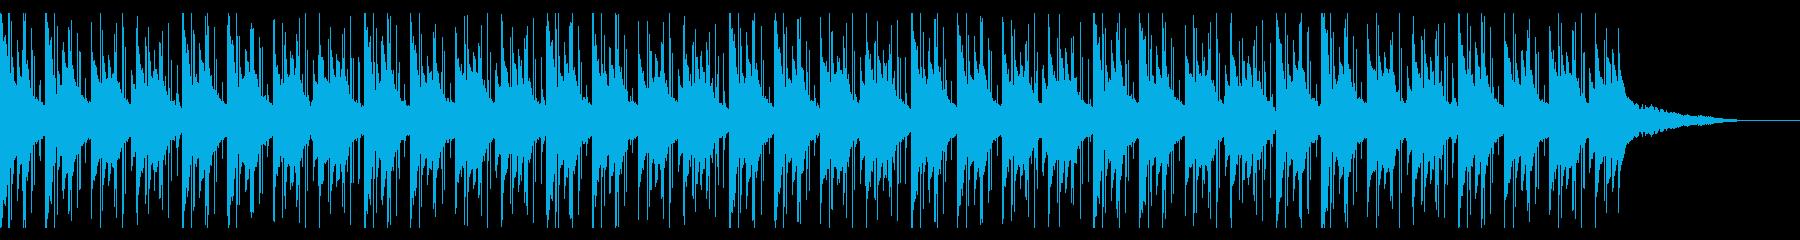 ほのぼの  Lo-fi Hiphop の再生済みの波形